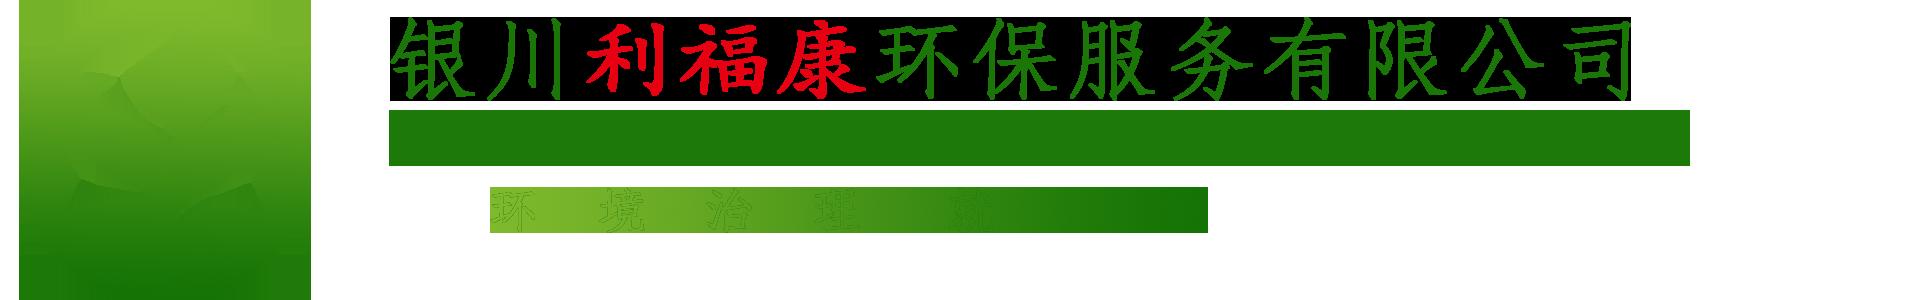 银川利福康环保服务有限公司